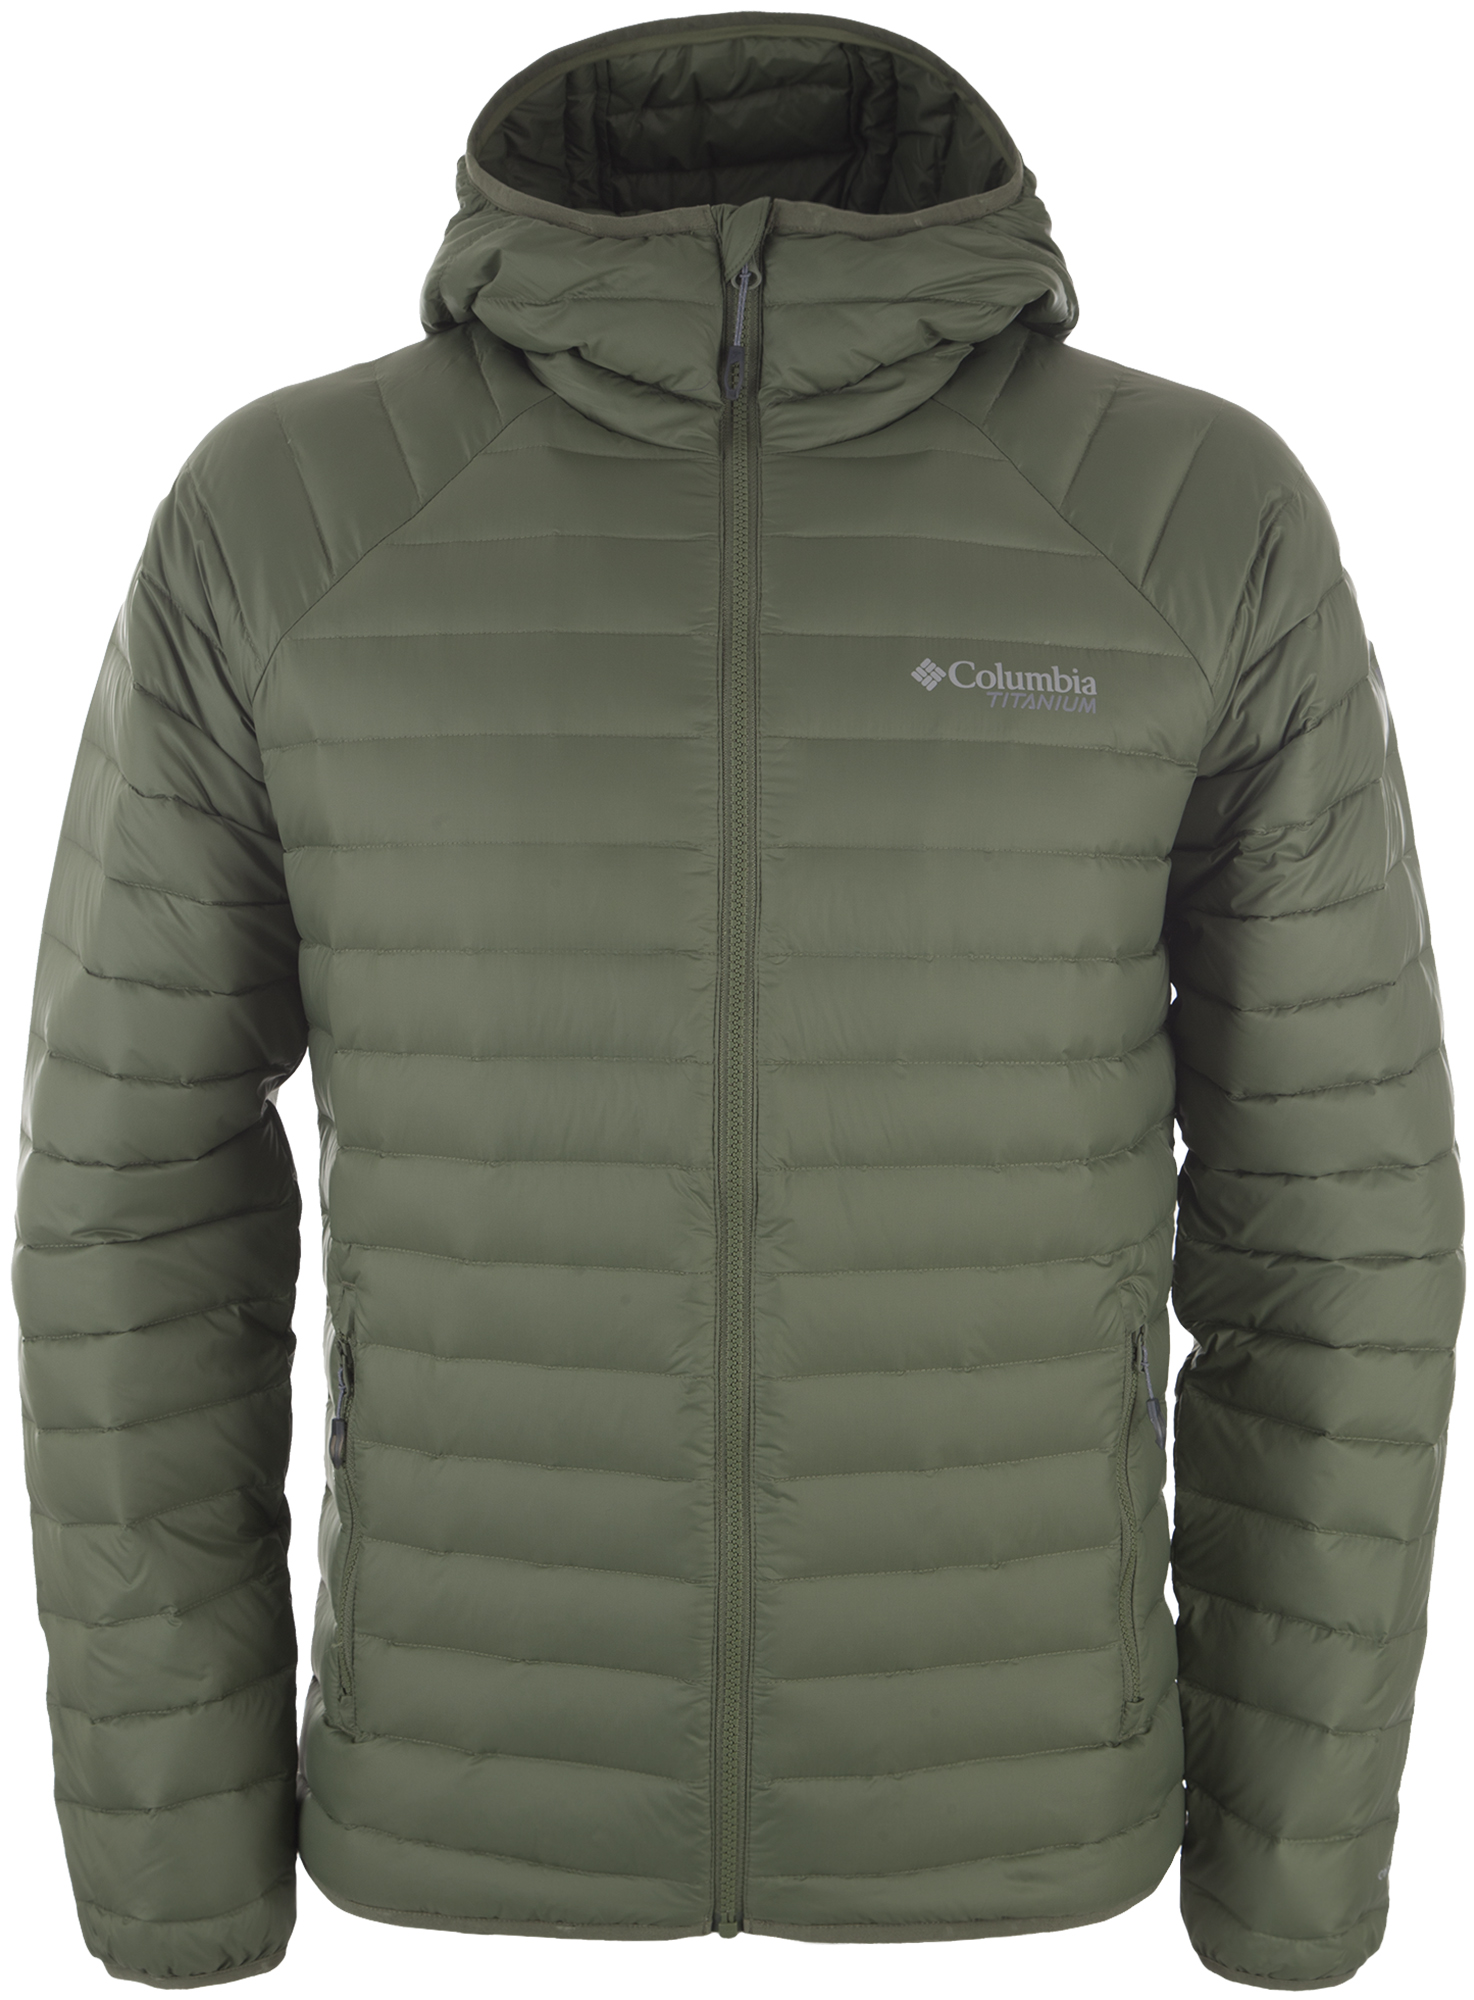 Columbia Куртка пуховая мужская Alpha Trail, размер 46-48